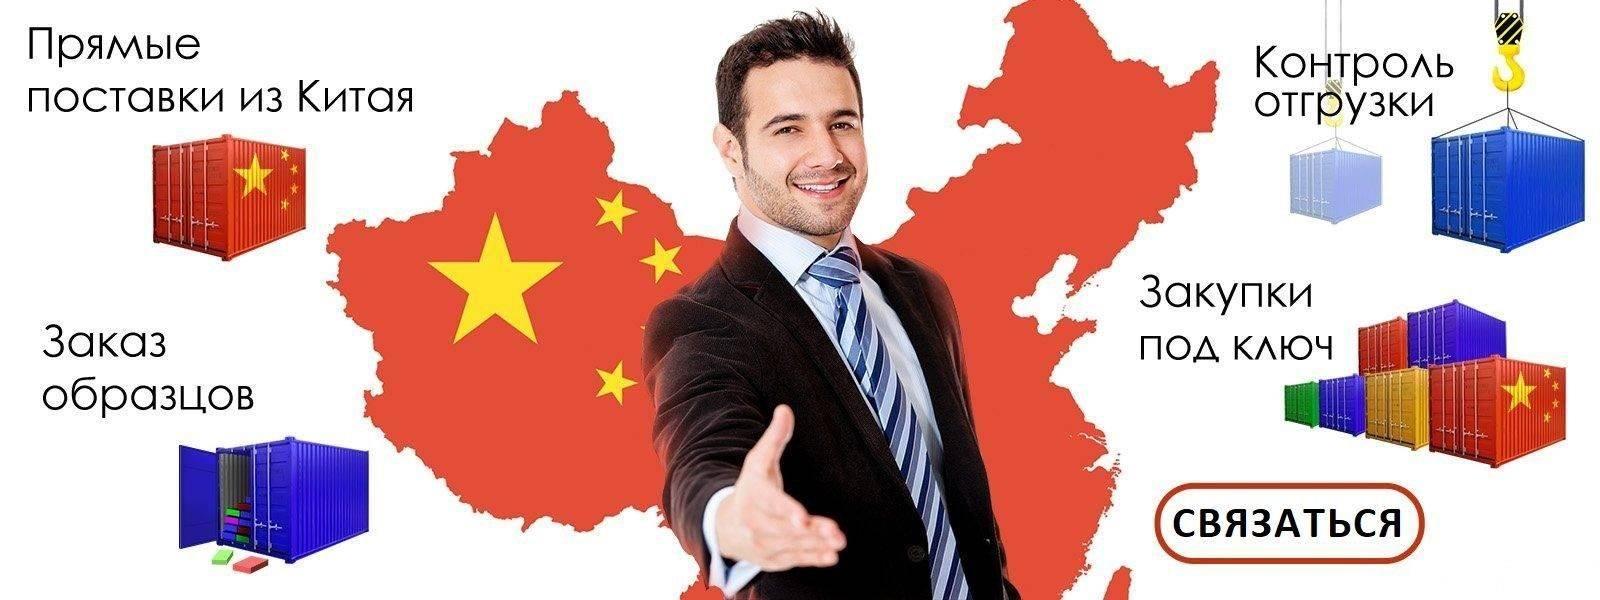 Бизнес-идеи из китая, которых нет в россии — топ новых направлений